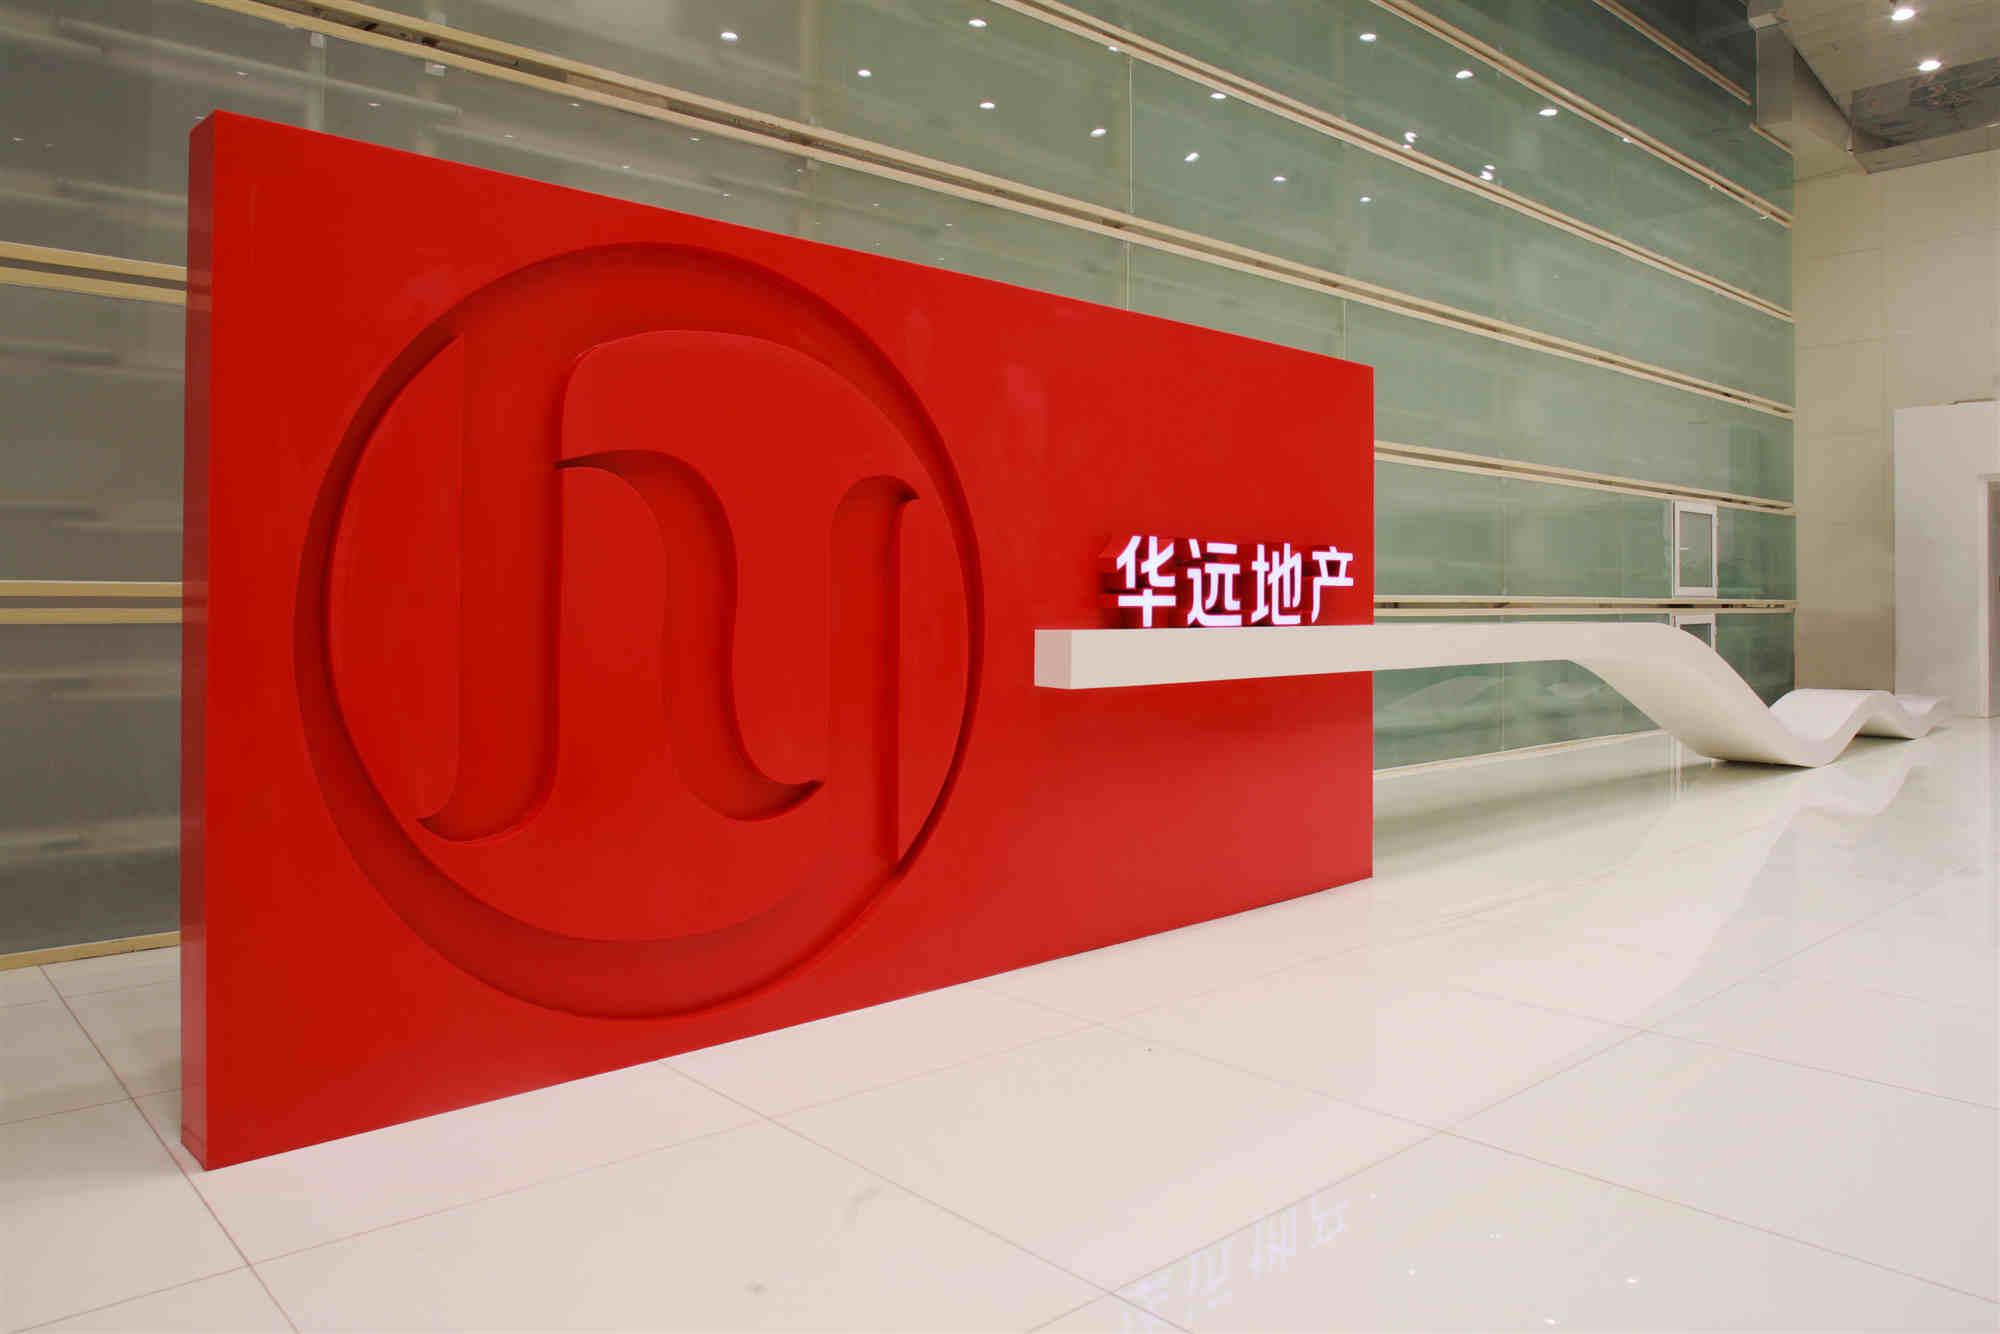 华远地产前置分解债务 保障企业稳健发展